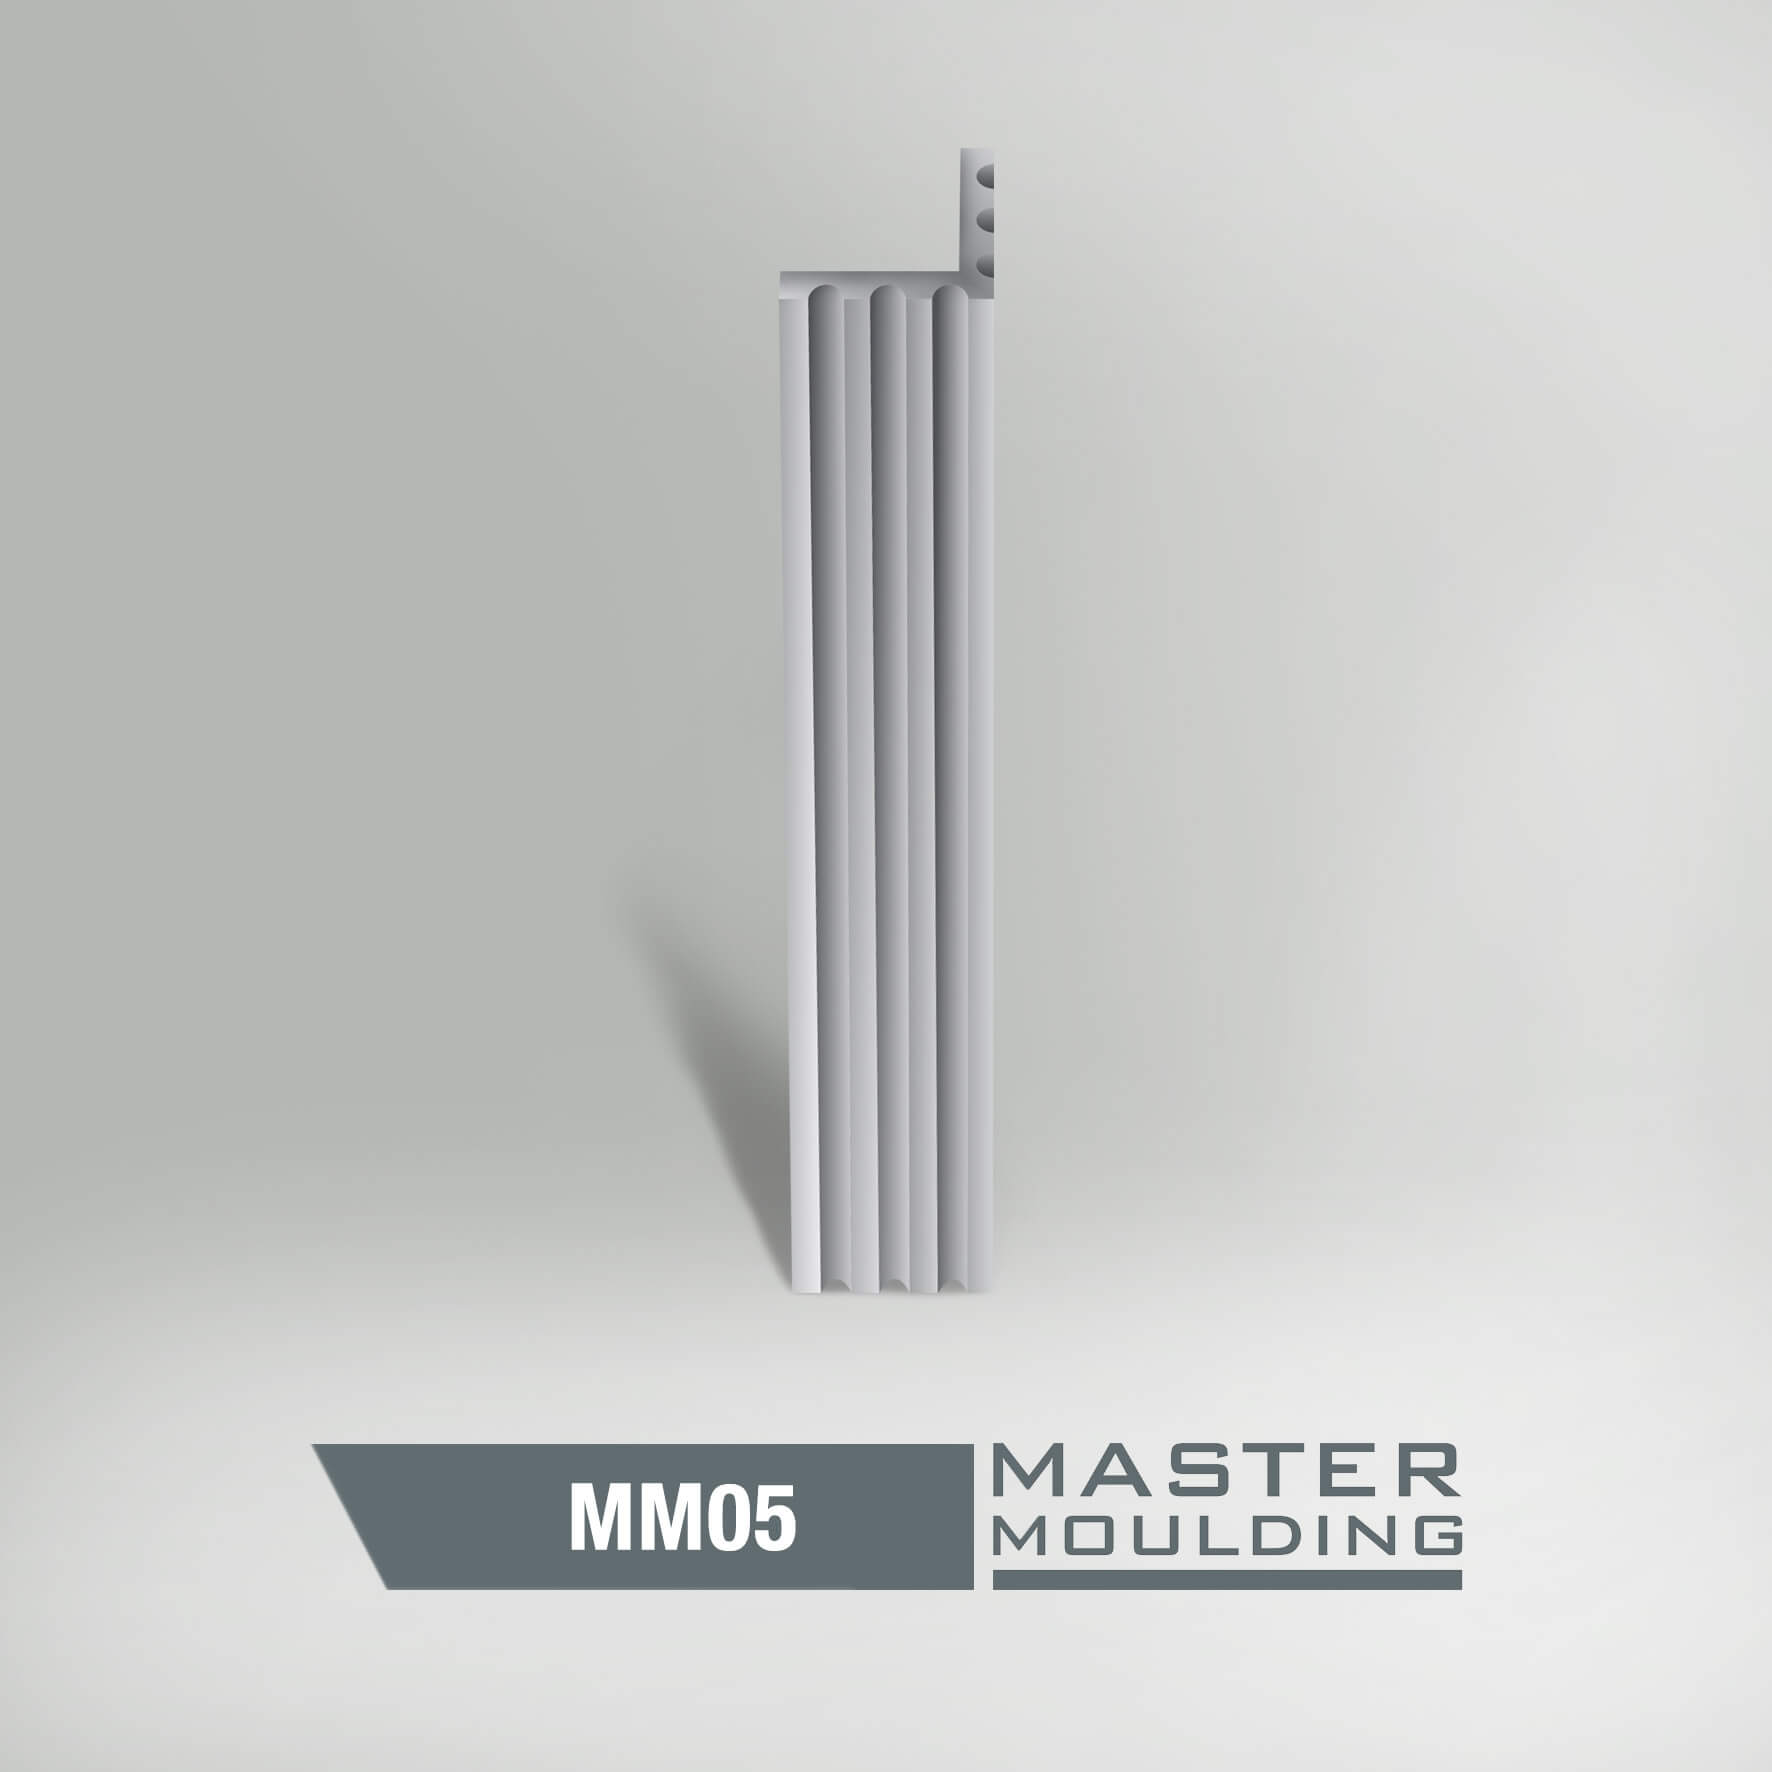 MM05 U